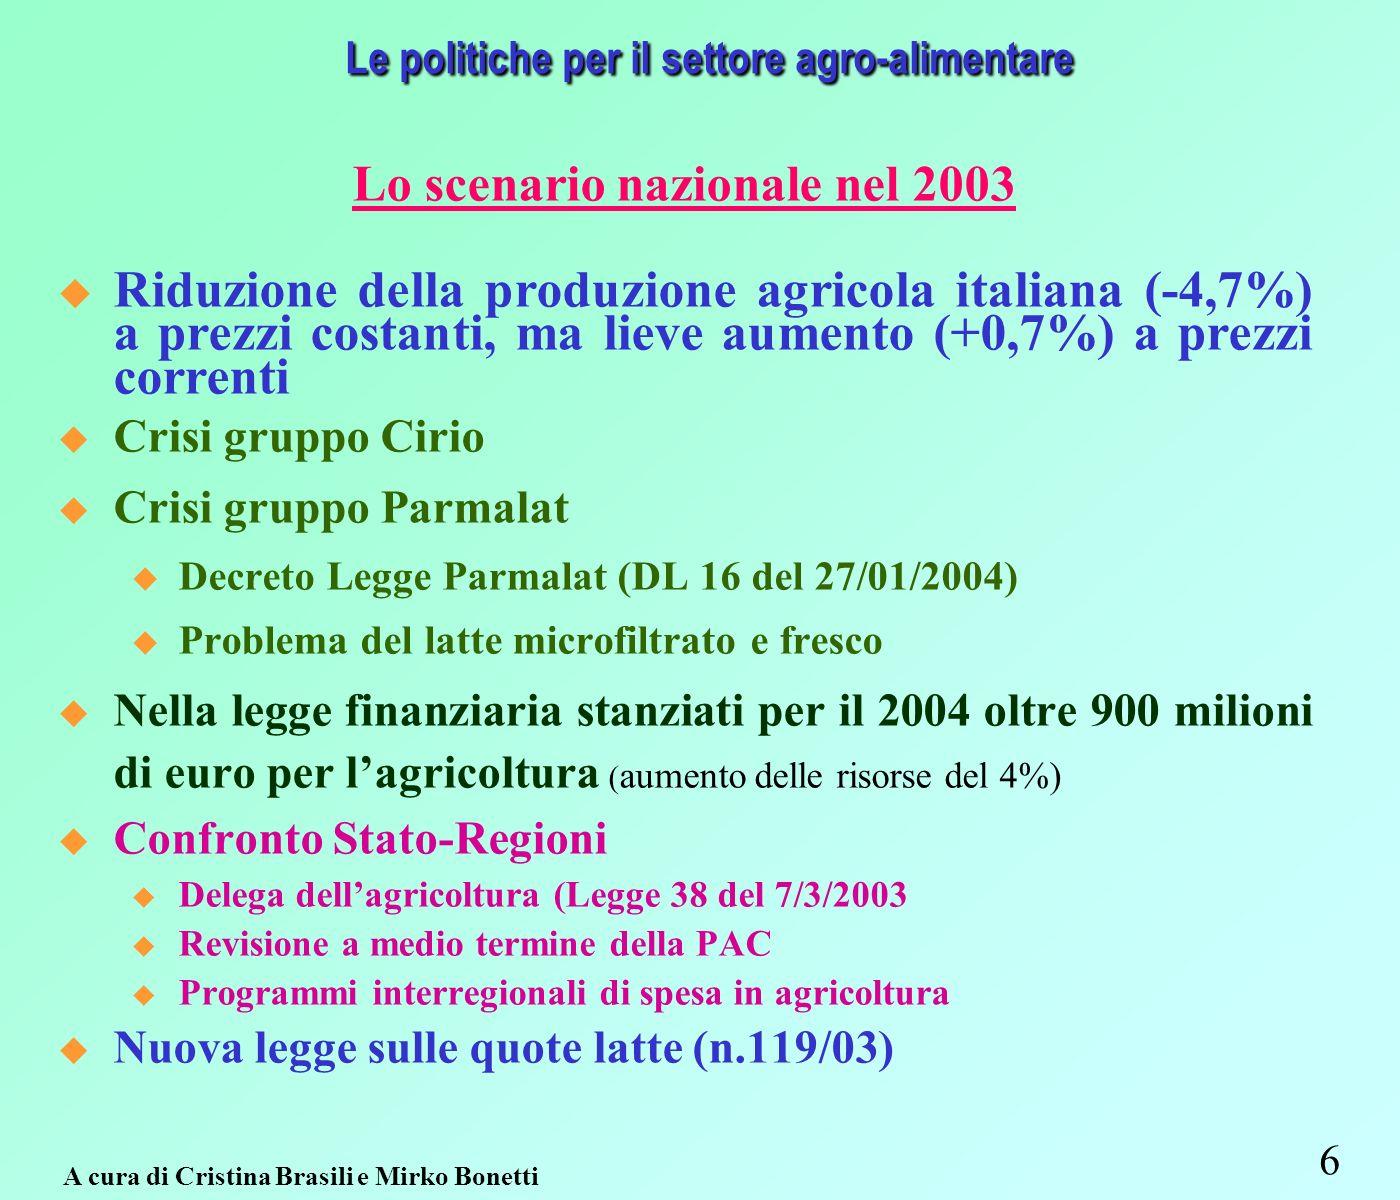 57 Interventi strutturali e di mercato A cura di Cristina Brasili e Mirko Bonetti Analisi degli aiuti e interventi di mercato Nel periodo 2000 – 2003 sono stati concessi oltre 1.365 milioni di euro per aiuti e interventi di mercato: 670 milioni di (49%) per i seminativi 410 milioni di (30%) per lortofrutta 95 milioni di (7%) per la zootecnia 187 milioni di (14%) altri finanziamenti